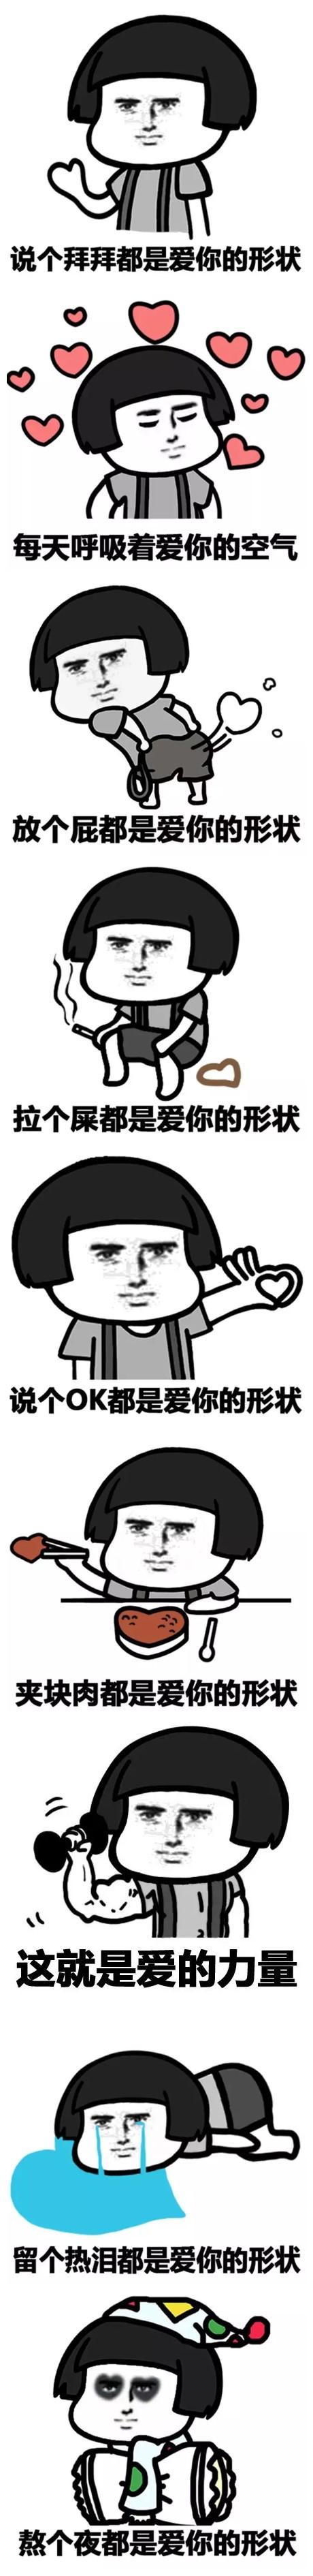 【资源组丨表情包】男/女朋友斗图专属图片